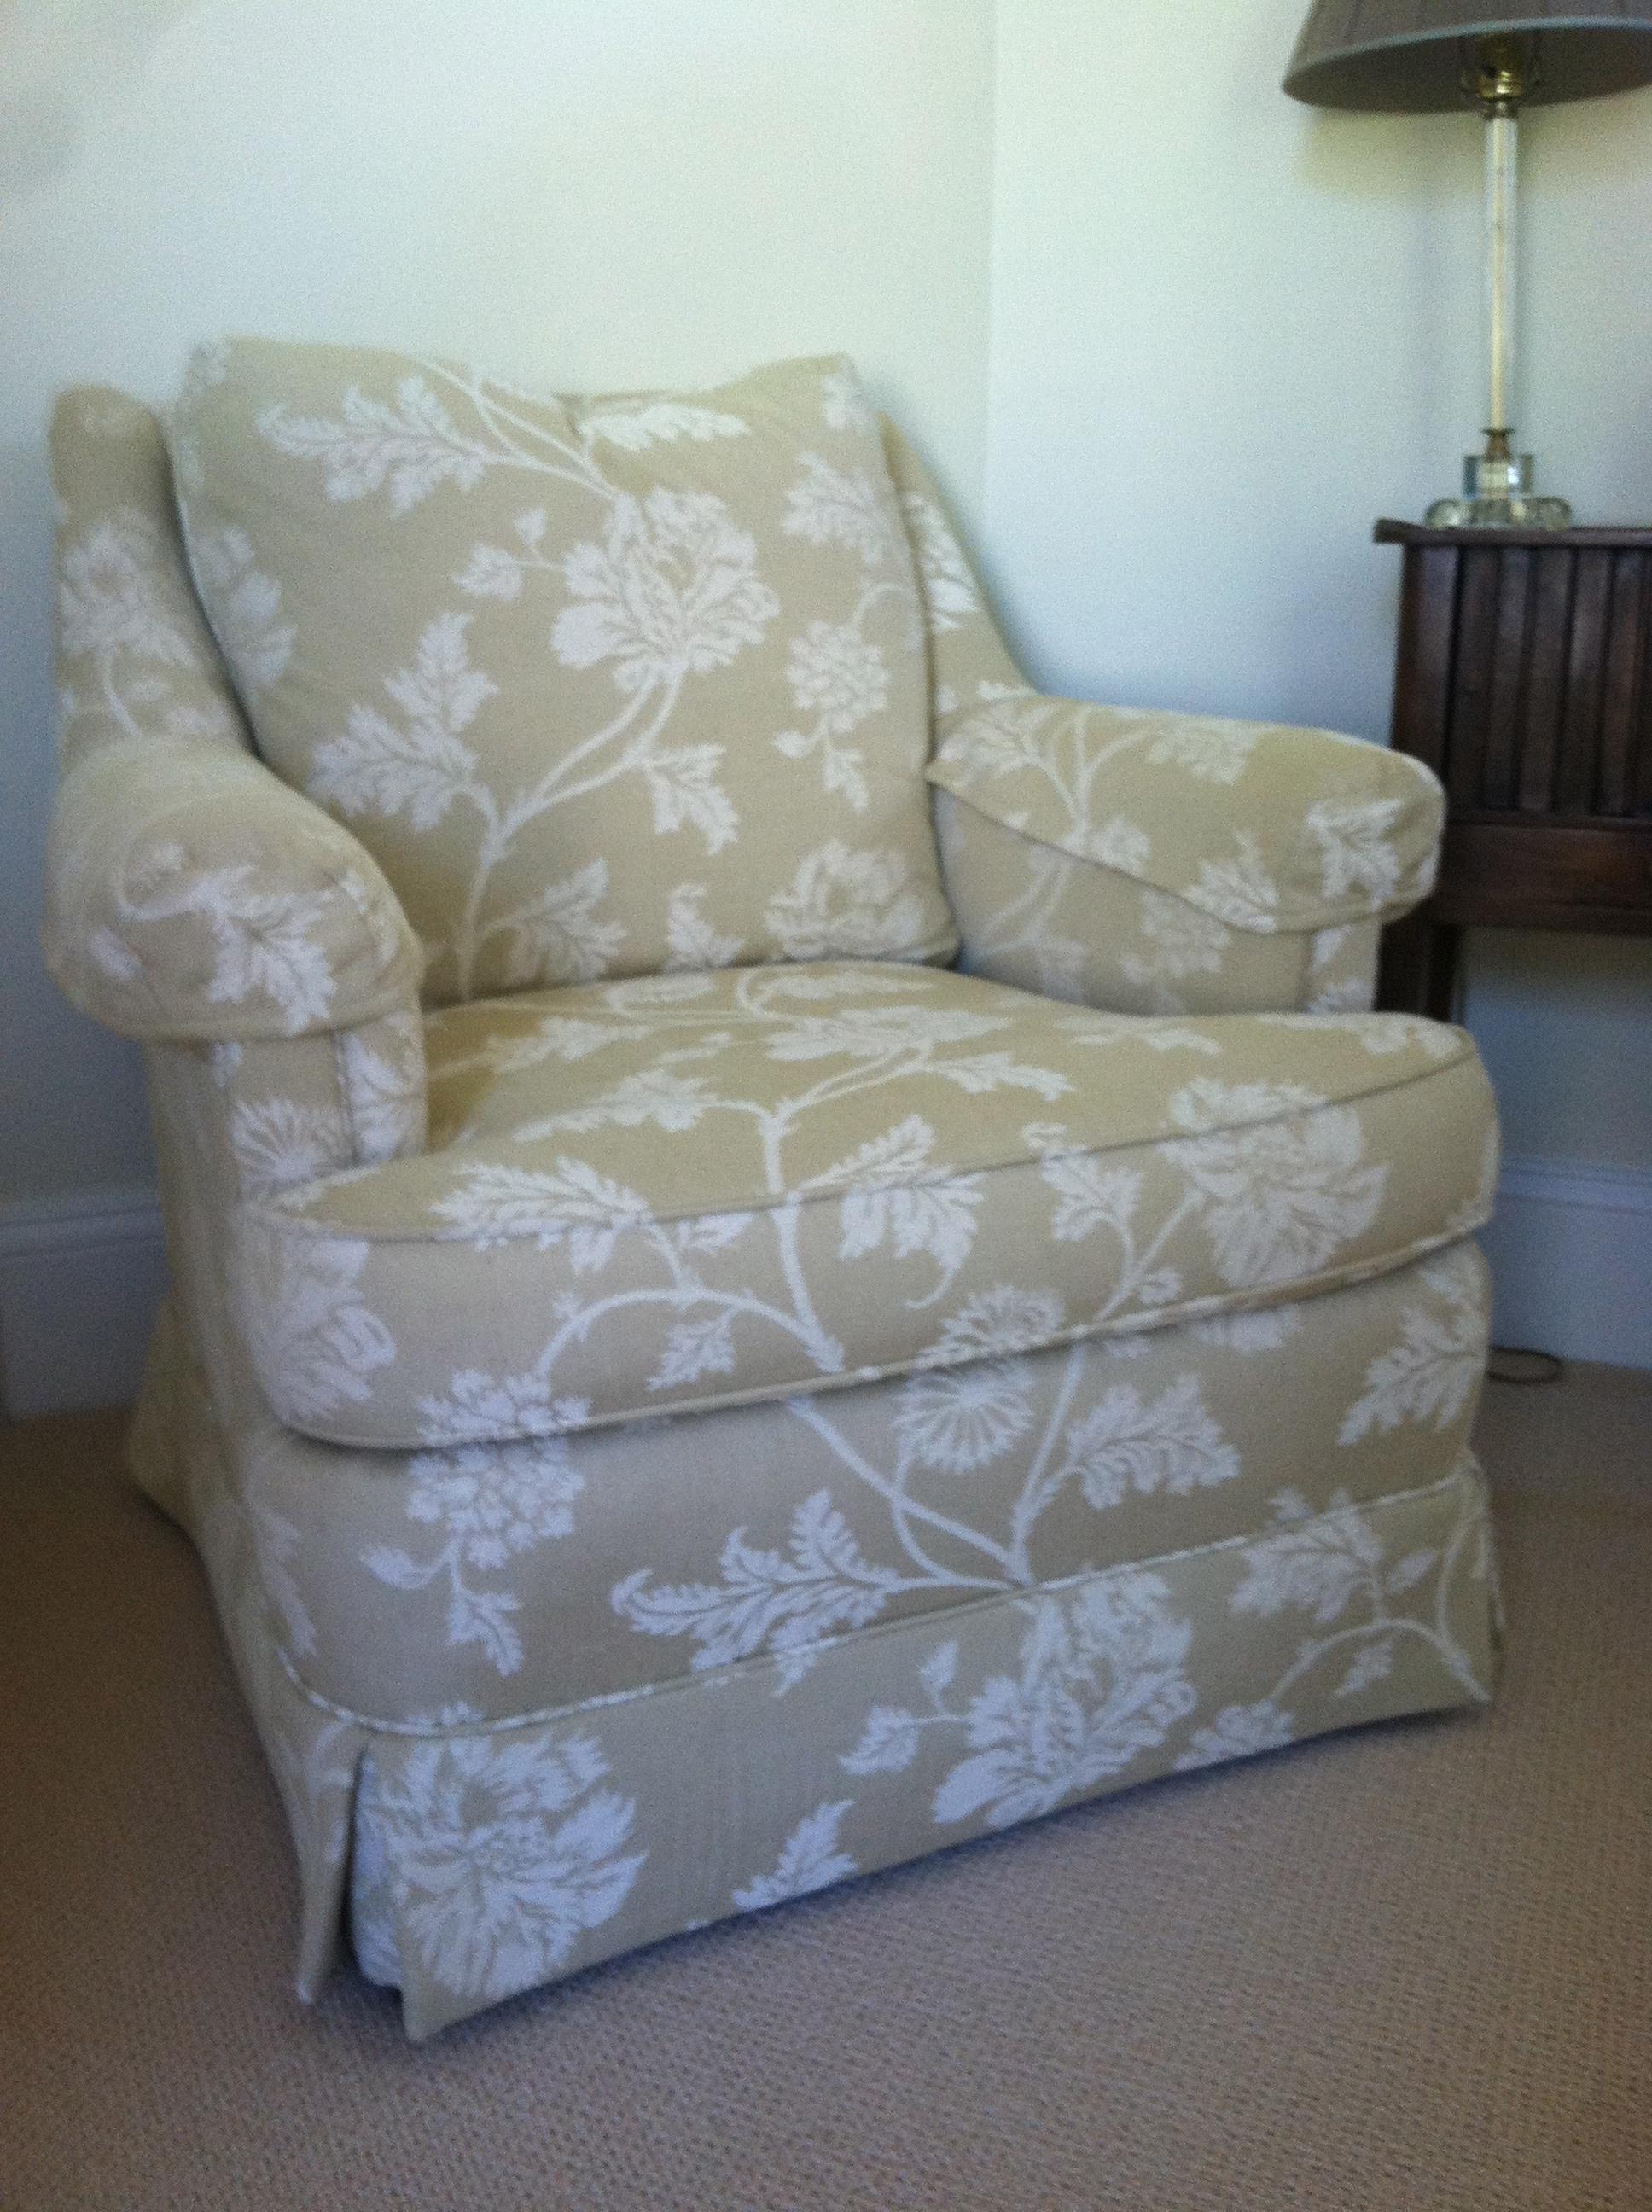 Before: Club chair